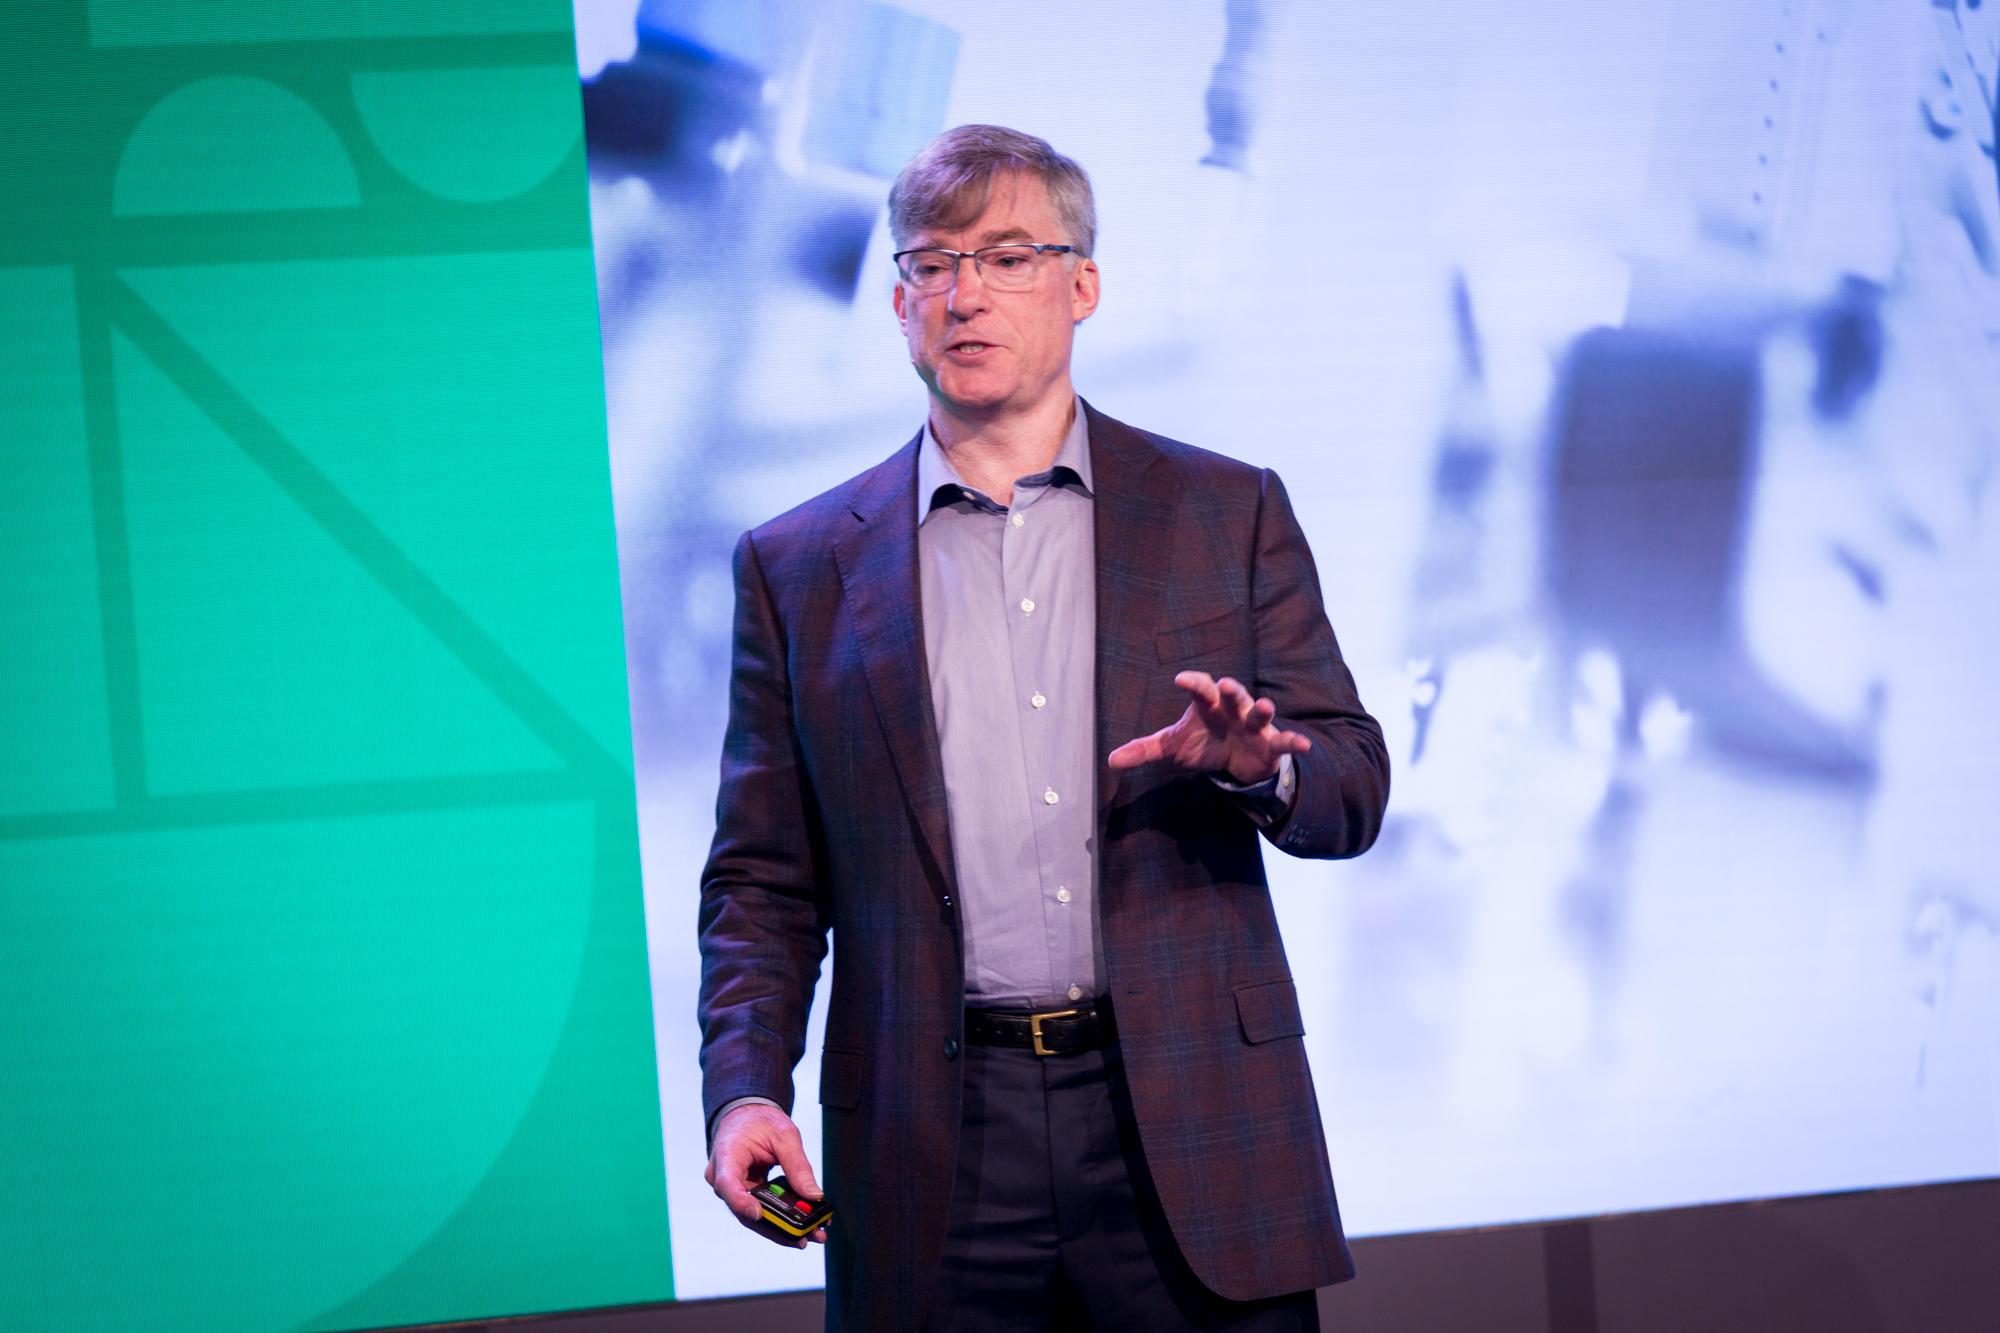 ロックウェル・オートメーションのブレイク・モレット社長兼最高経営責任者(CEO)が、ロンドンで開催中のシスコのIoTワールド・フォーラムで、モノのインターネットが産業の生産性に与える影響について説明。(写真提供:Aidan Synnott)